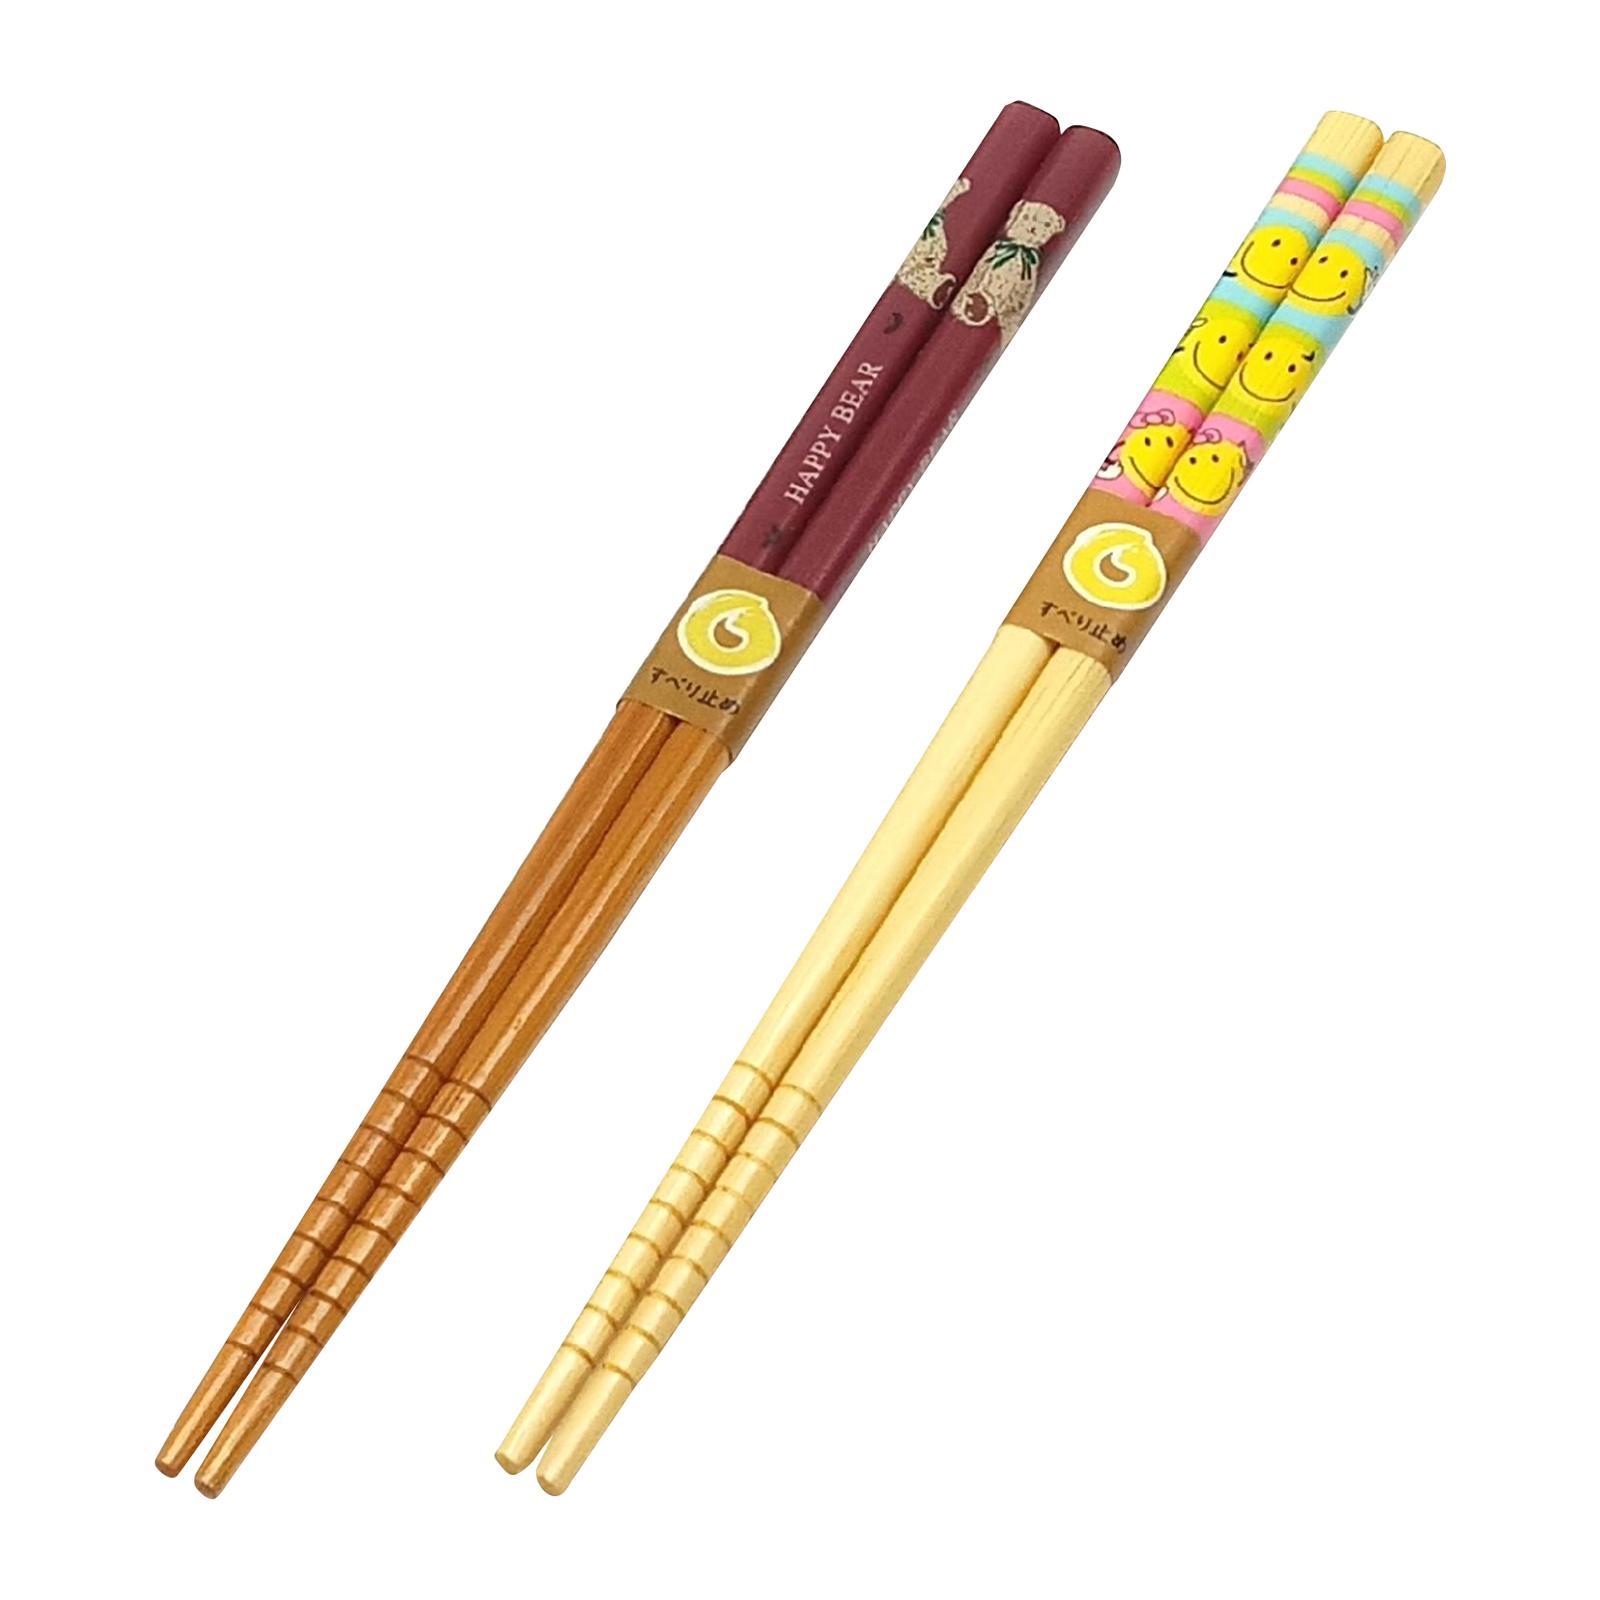 Vesta Decal Bamboo Children Chopsticks 18CM (2PCS)